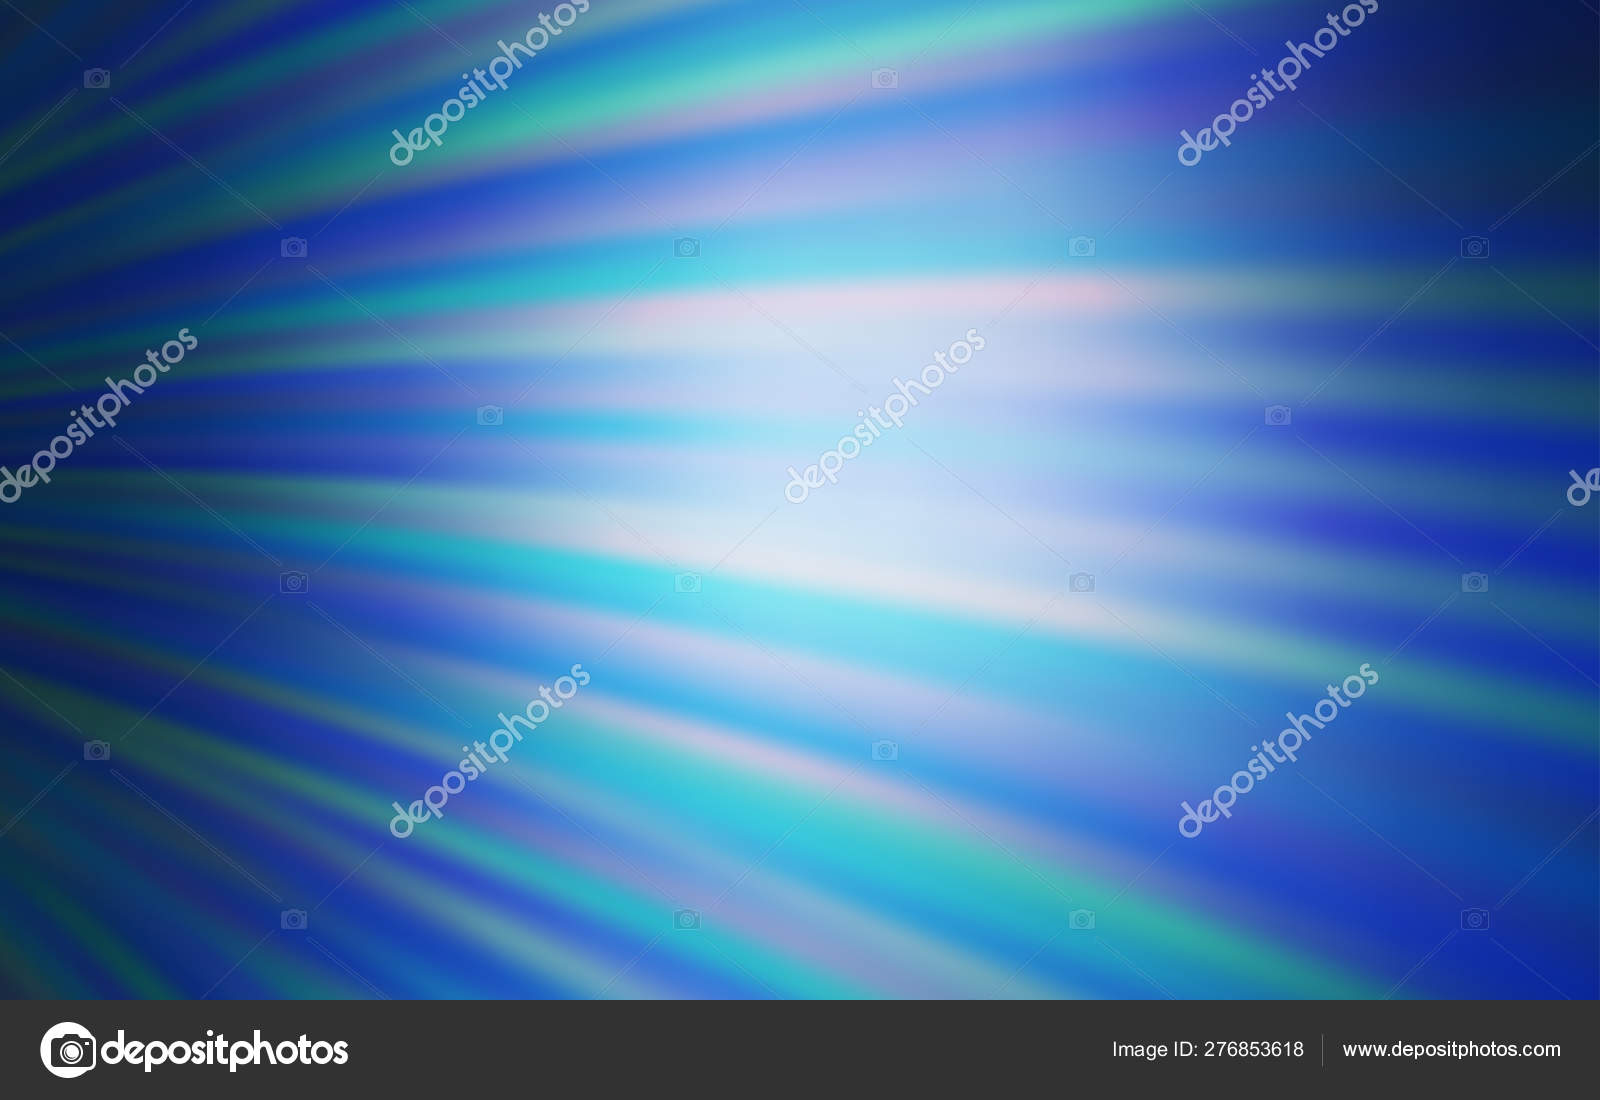 Colorati D Azzurro Chiaro texture vettoriale blu chiaro con linee curve. — vettoriali